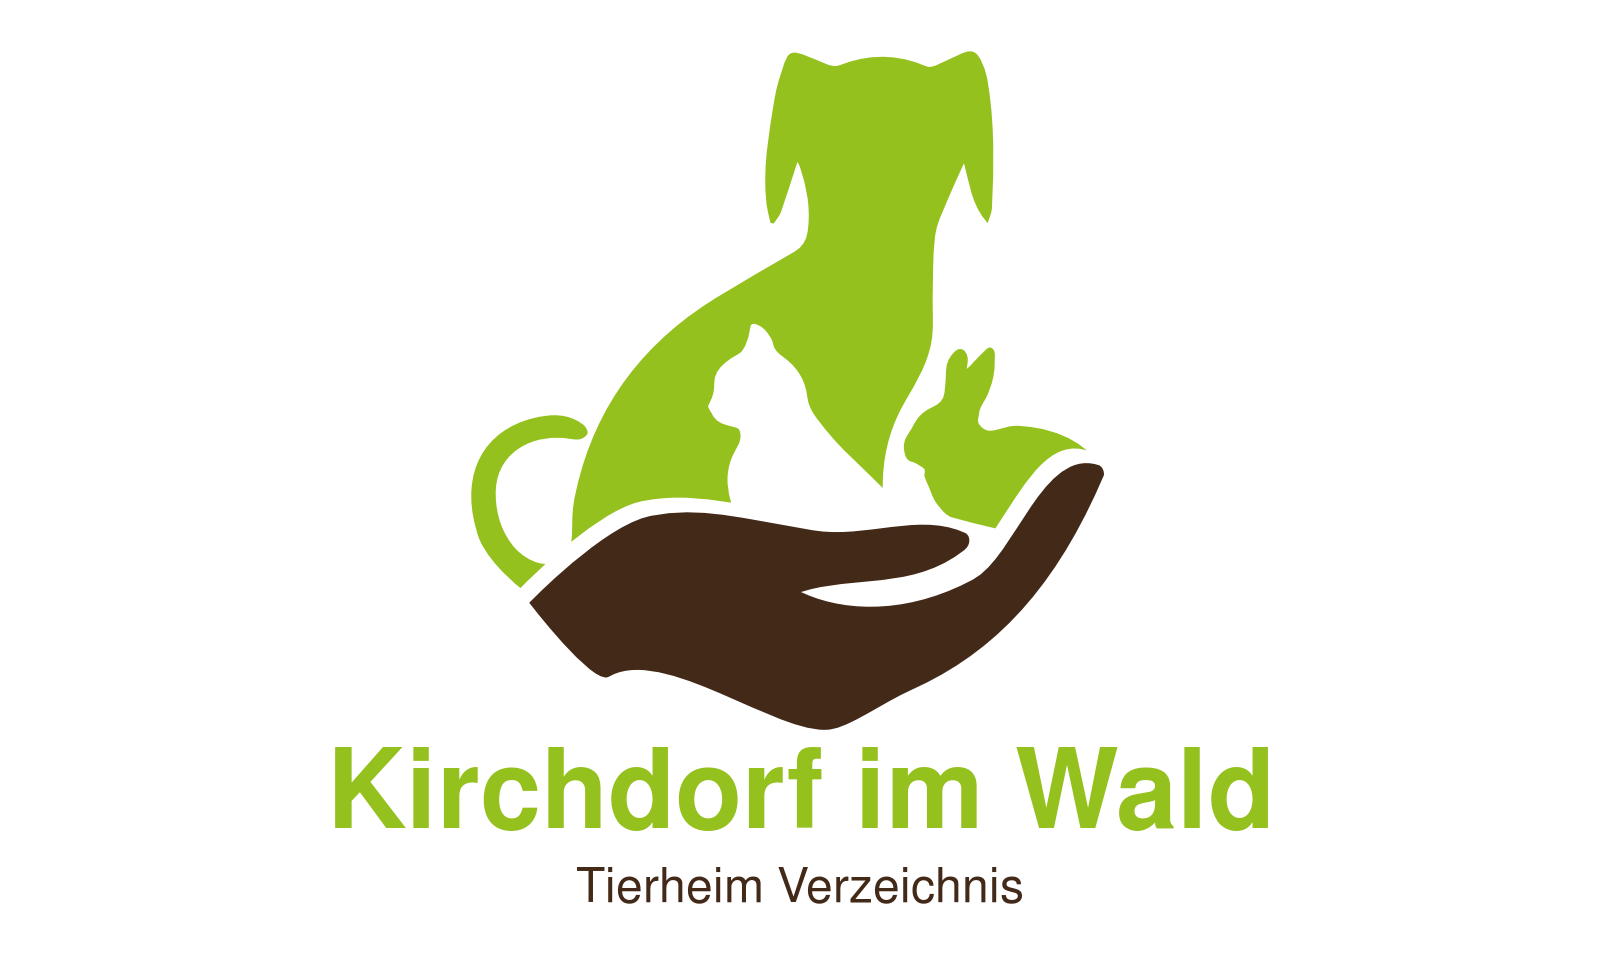 Tierheim Kirchdorf im Wald